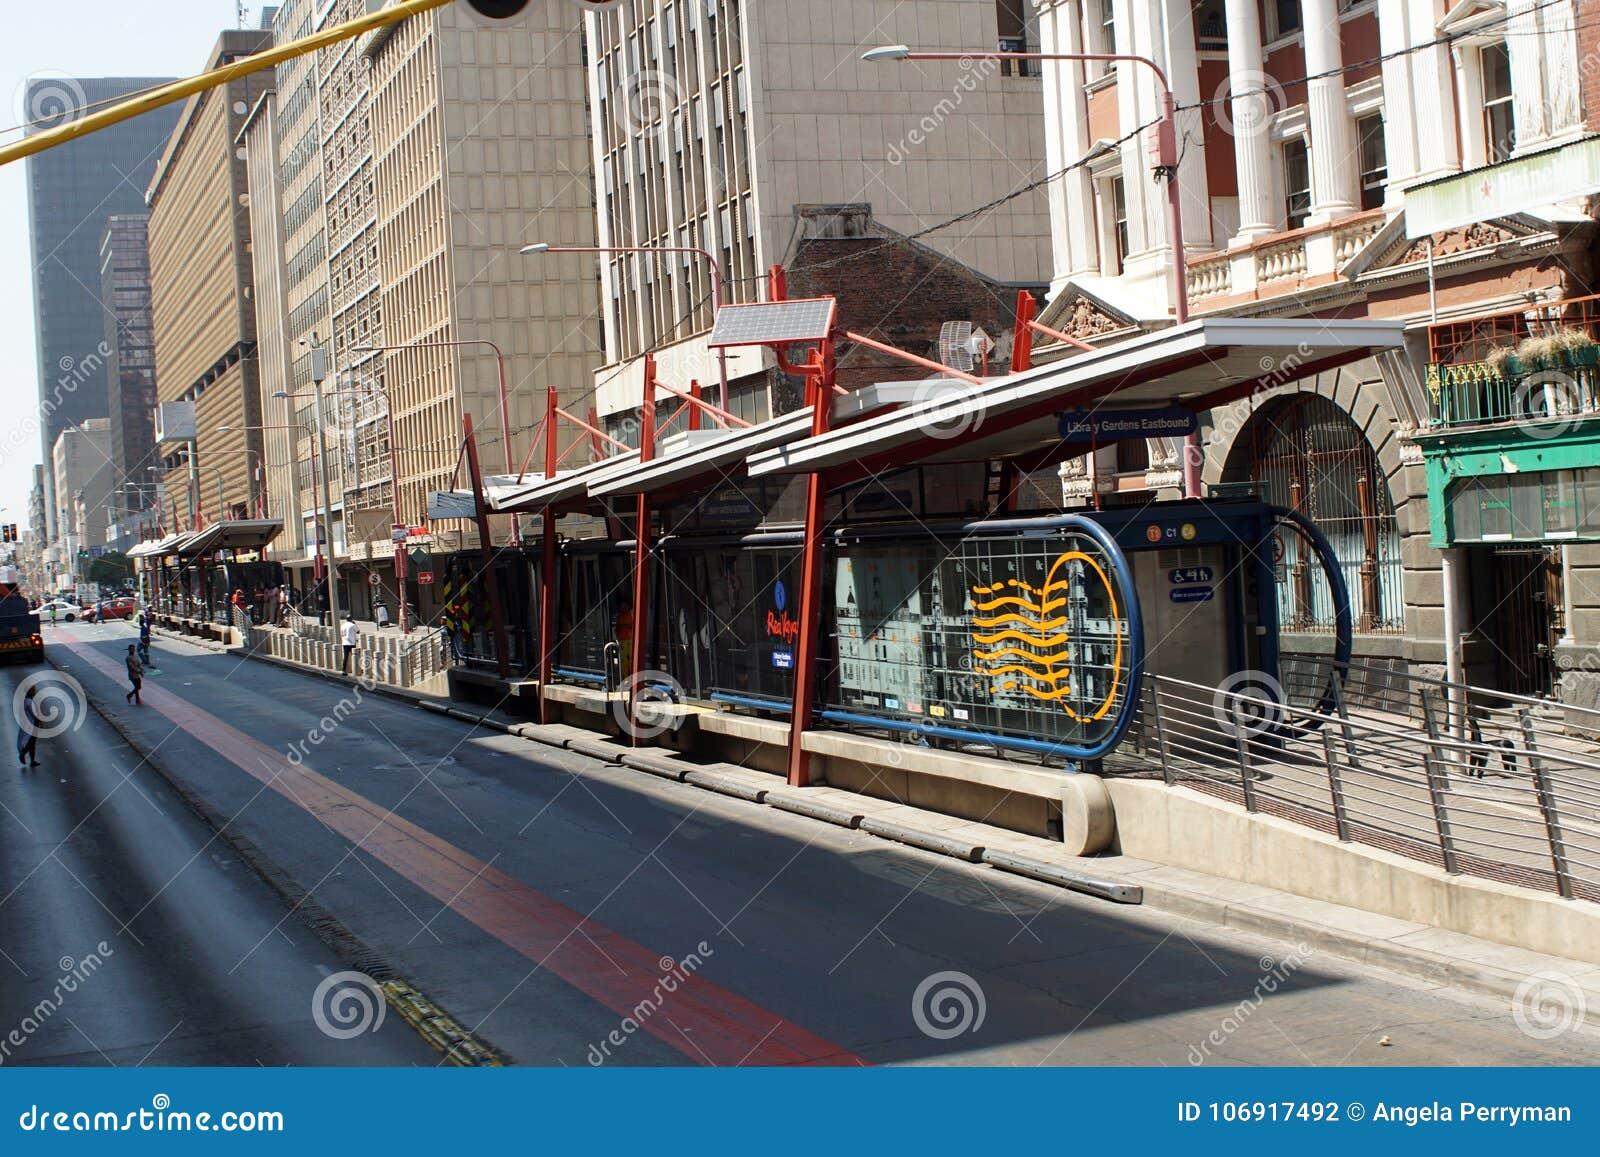 Автобусная остановка в центральном финансовом районе, Йоханнесбург, Южная Африка